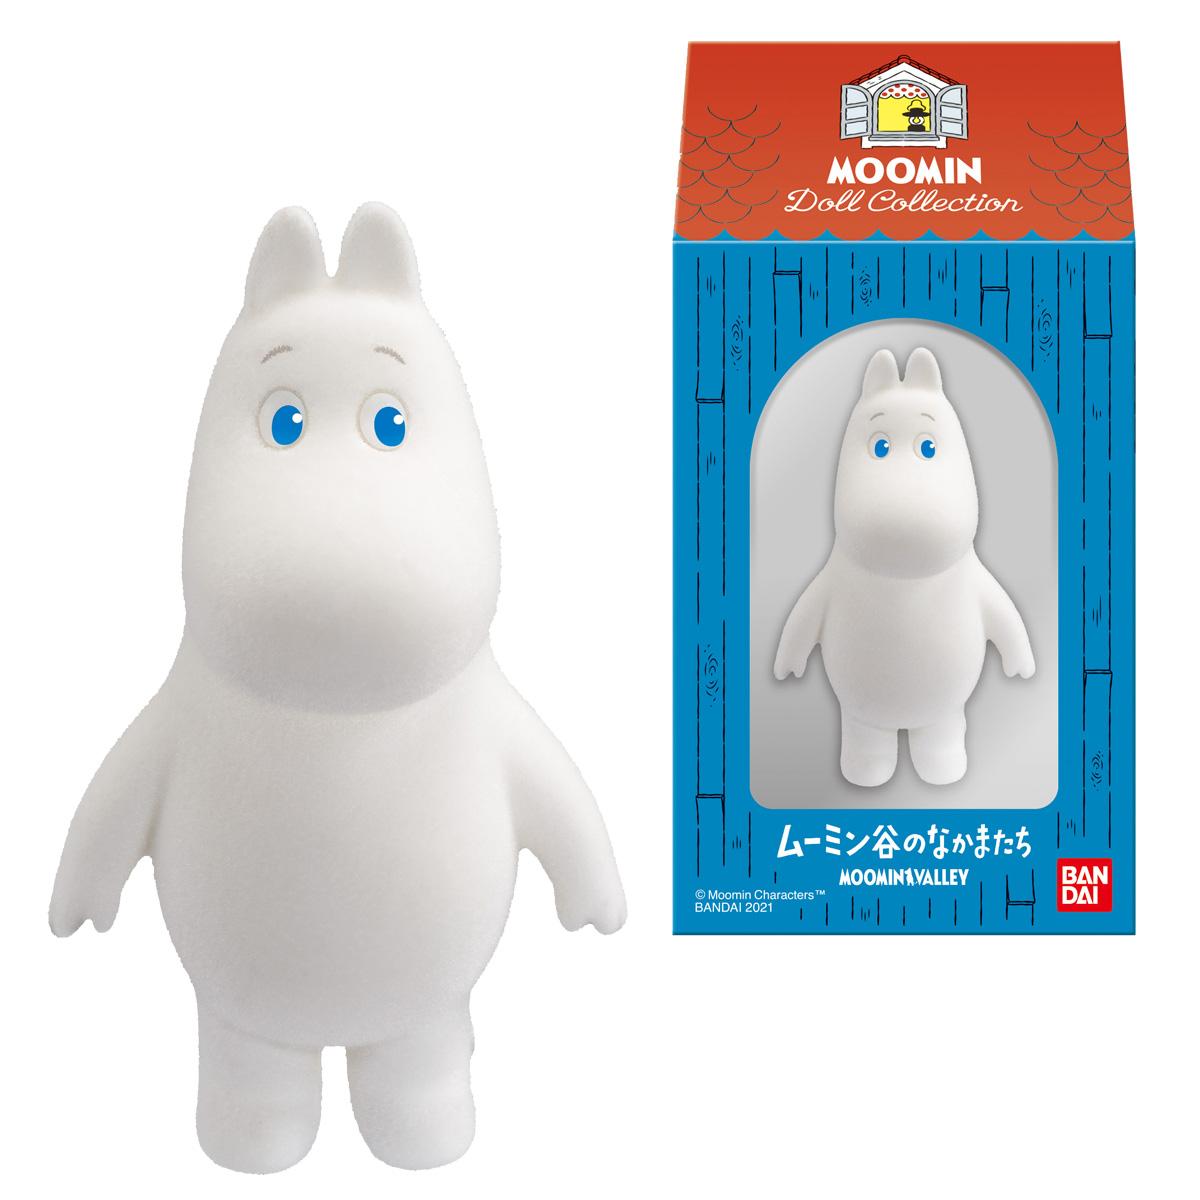 【食玩】ムーミン『MOOMIN Doll Collection』10個入りBOX-001